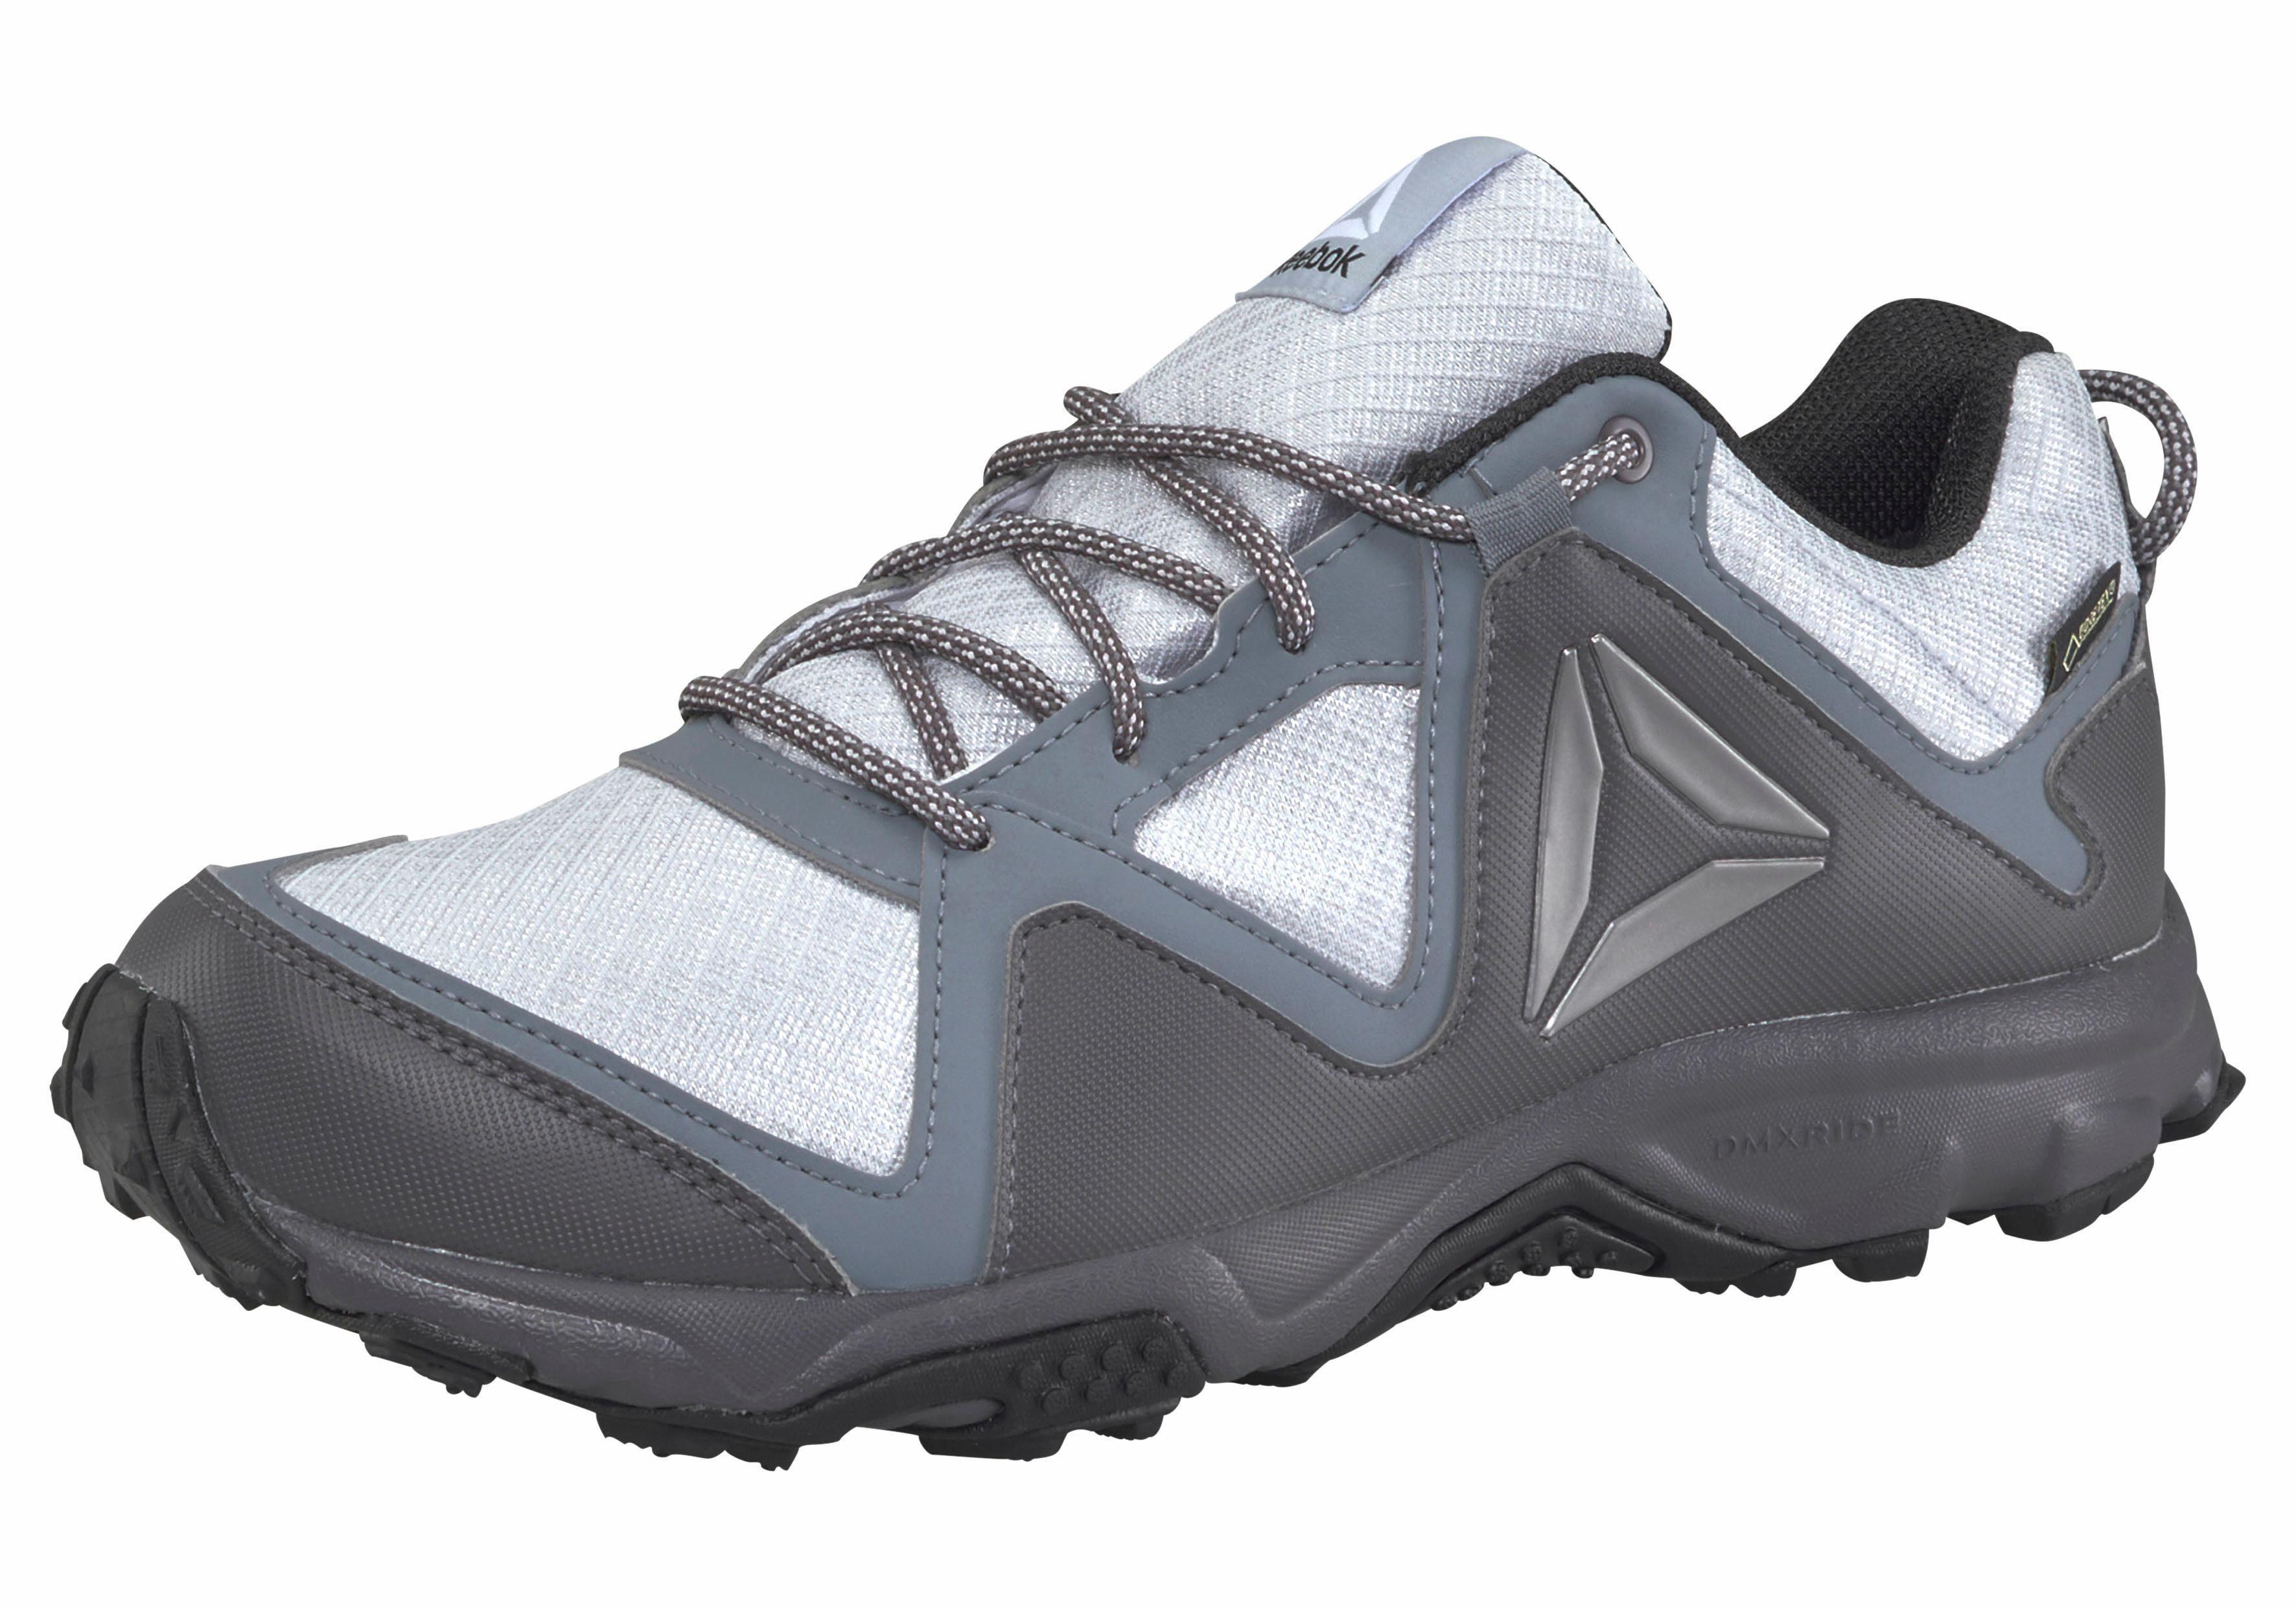 Reebok »Franconia Ridge 3.0 Gore Tex« Walkingschuh, Zuglasche an der Ferse für den schnellen Einstieg online kaufen | OTTO